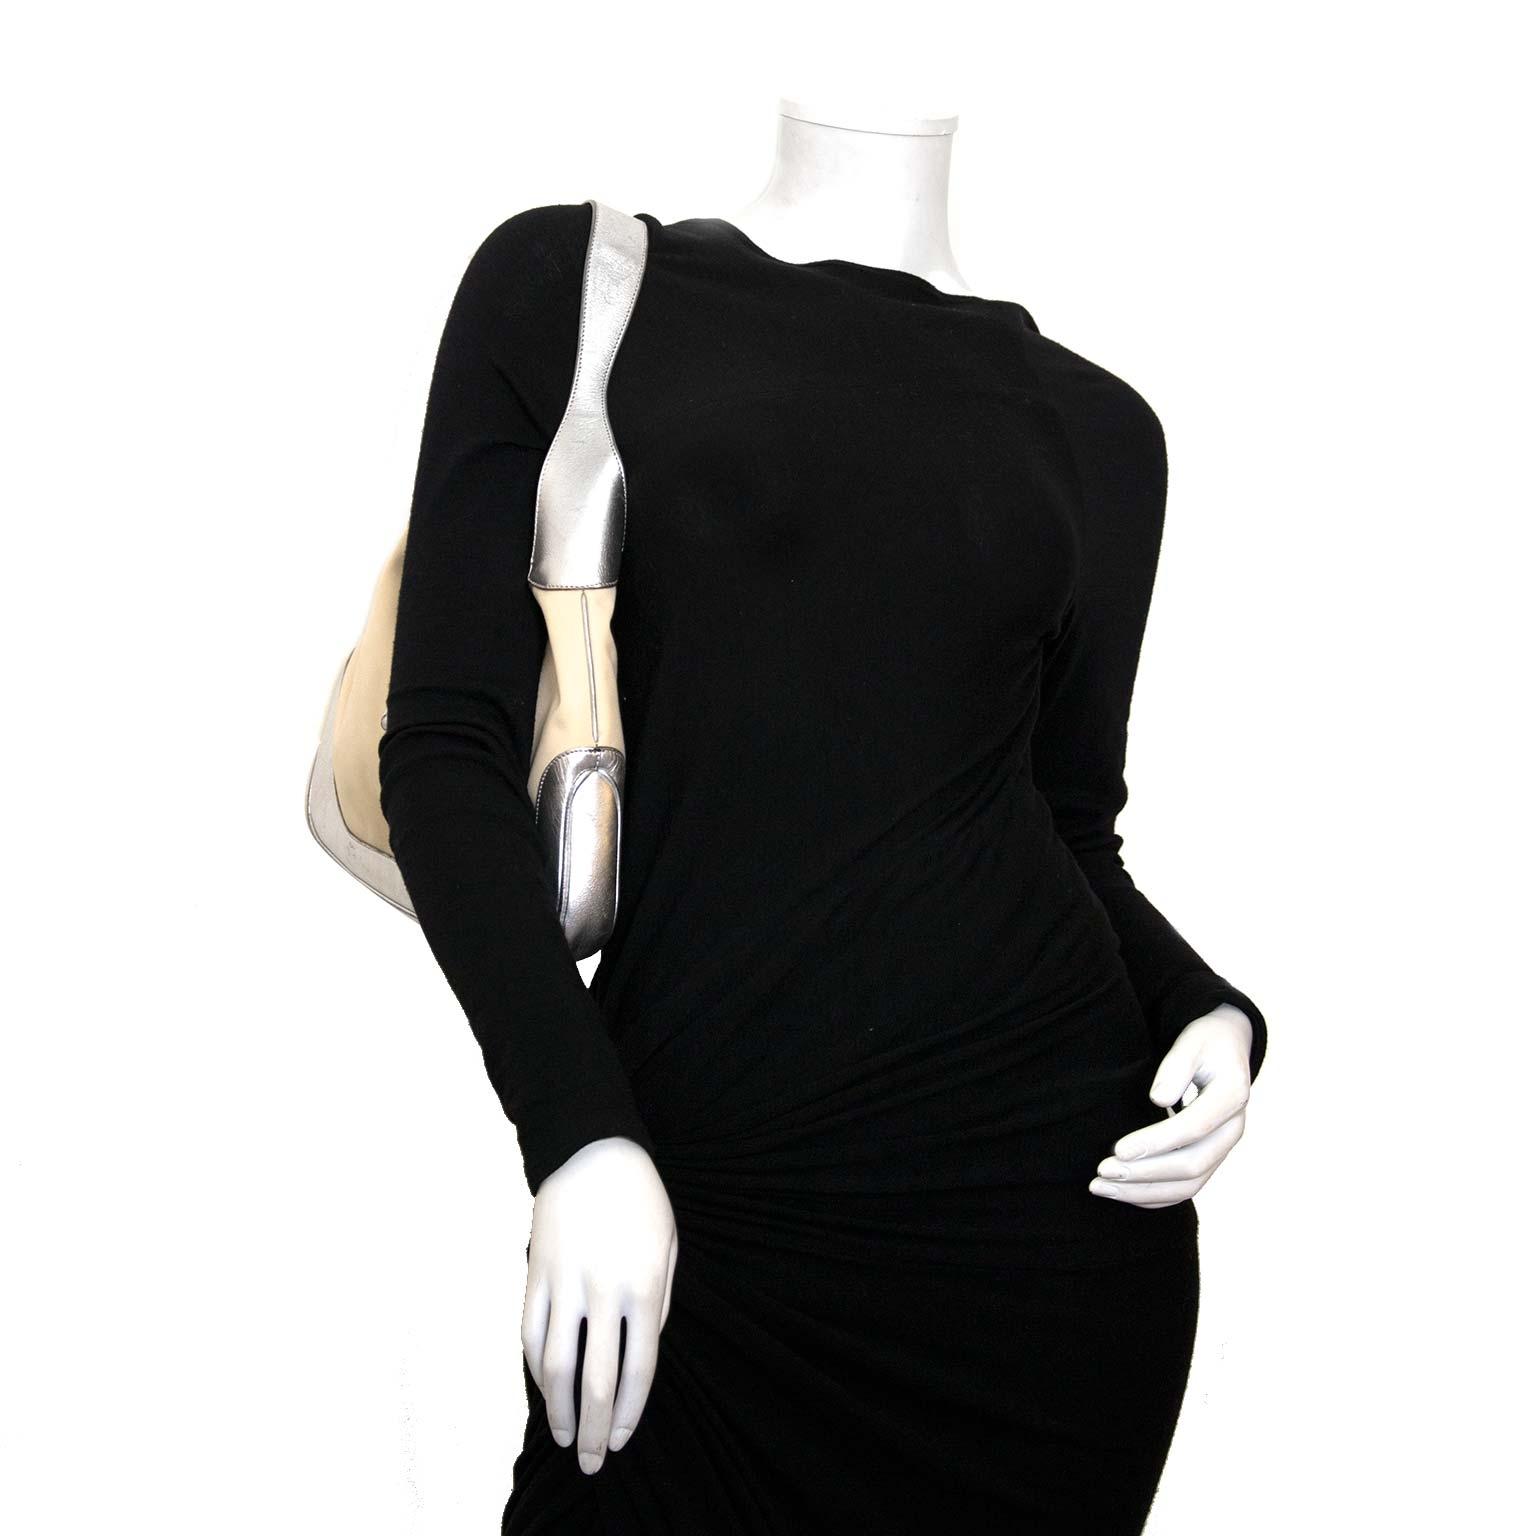 ddb35bb2492d0e buy gucci silver jackie shoulder bag at labellov vintage fashion webshop  belgium koop gucci zilver jackie schouder tas nu bij labellov vintage mode  webshop ...